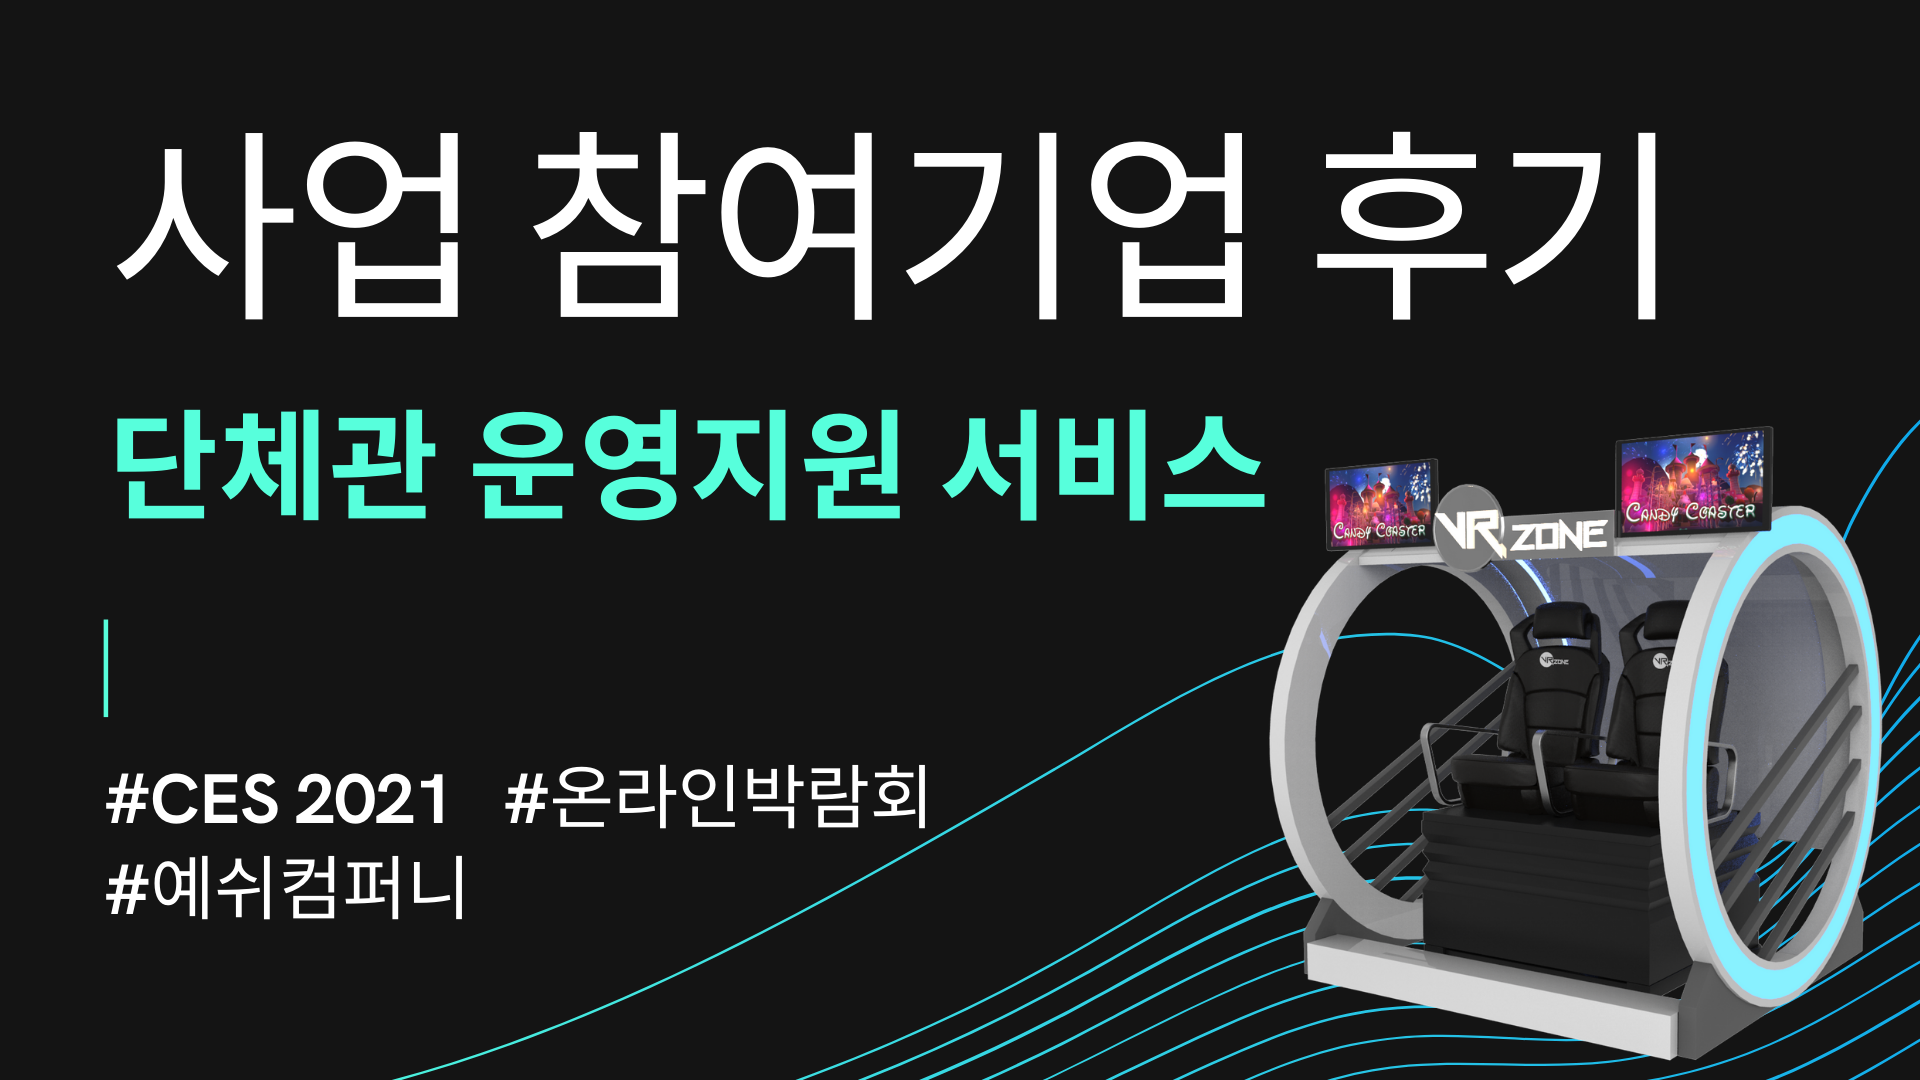 [박람회 참가 후기 / 단체관 운영지원 서비스] CES 2021 All digital - 예쉬컴퍼니